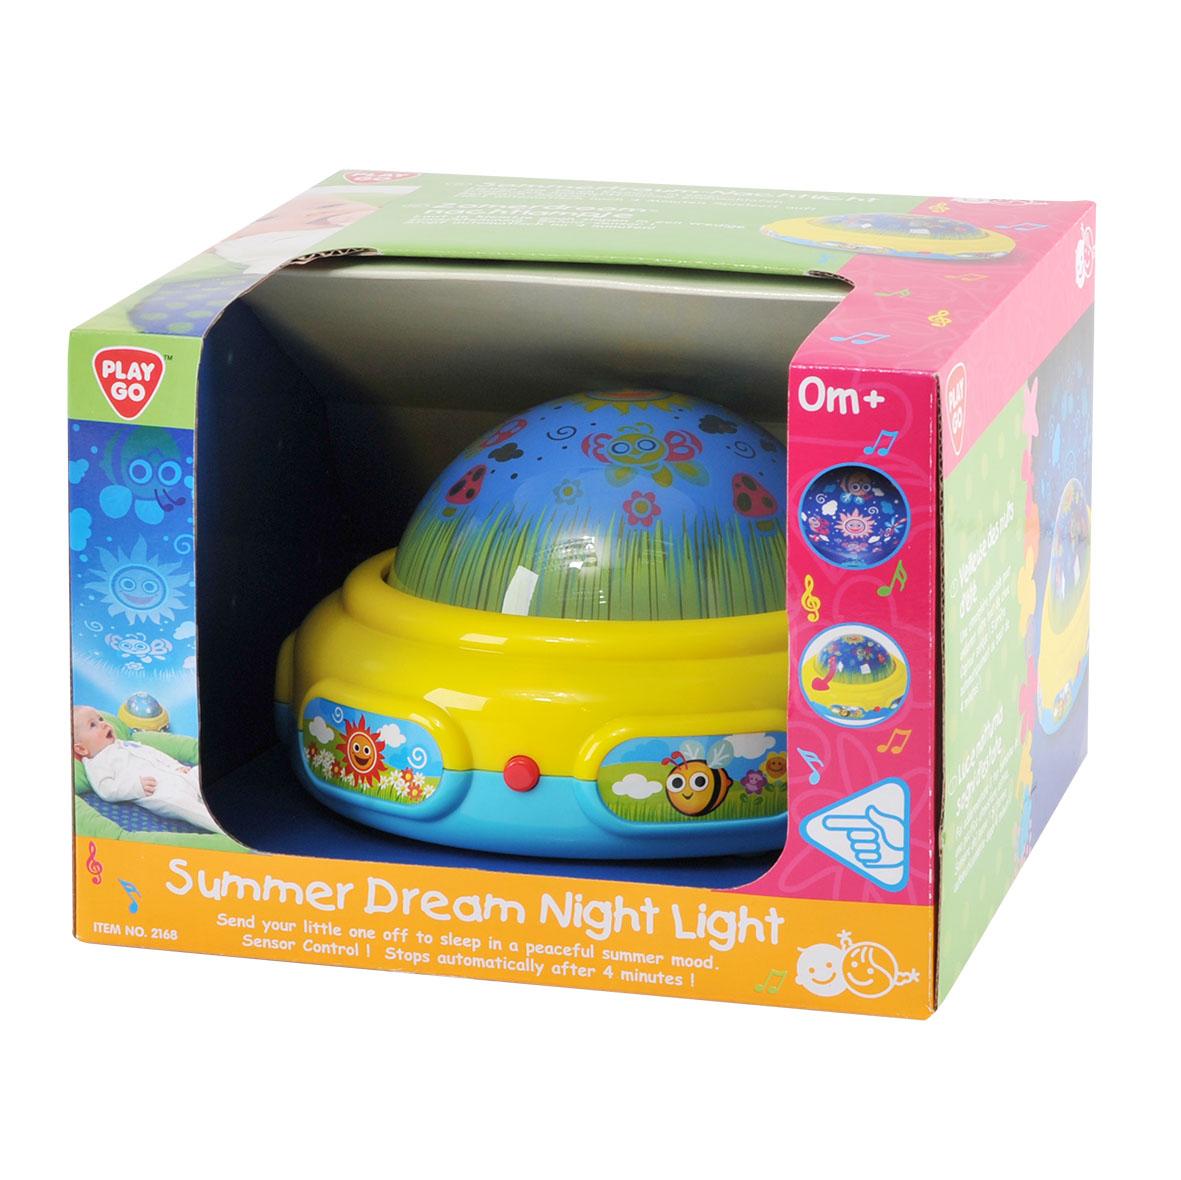 Playgo Развивающий центр Волшебный светPlay 2168Игровой развивающий центр - это уникальный сенсорный ночник-проектор, который понравится любому малышу, когда он будет отравляться в волшебную страну снов. При помощи проектора, световой луч отражается на стене в виде животных, которые появляются под спокойную мелодию. Проектор имеет три режима: - играет музыка и горит свет; - играет только музыка; - горит только свет. После 4-х минут работы, проектор автоматически отключается. Проектор работает от 3-х батареек типа LR6/ААА/1.5 V, которые предусмотрены в наборе. Размер проектора: 17 х 17 х 10,5 см.